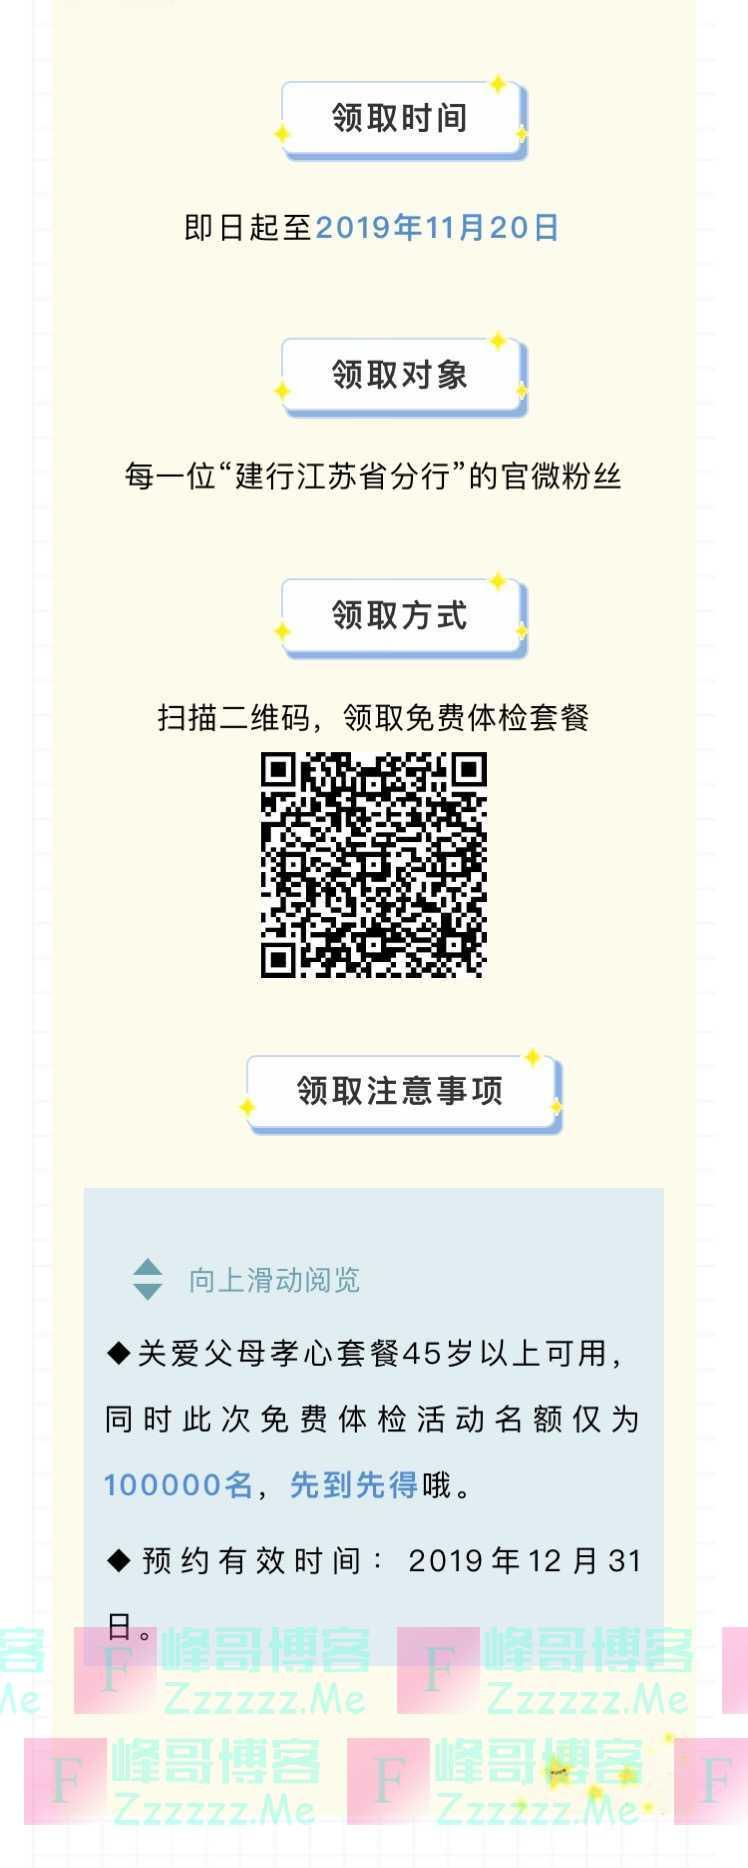 建行江苏省分行10万份免费体检套餐等你领(12月31日截止)